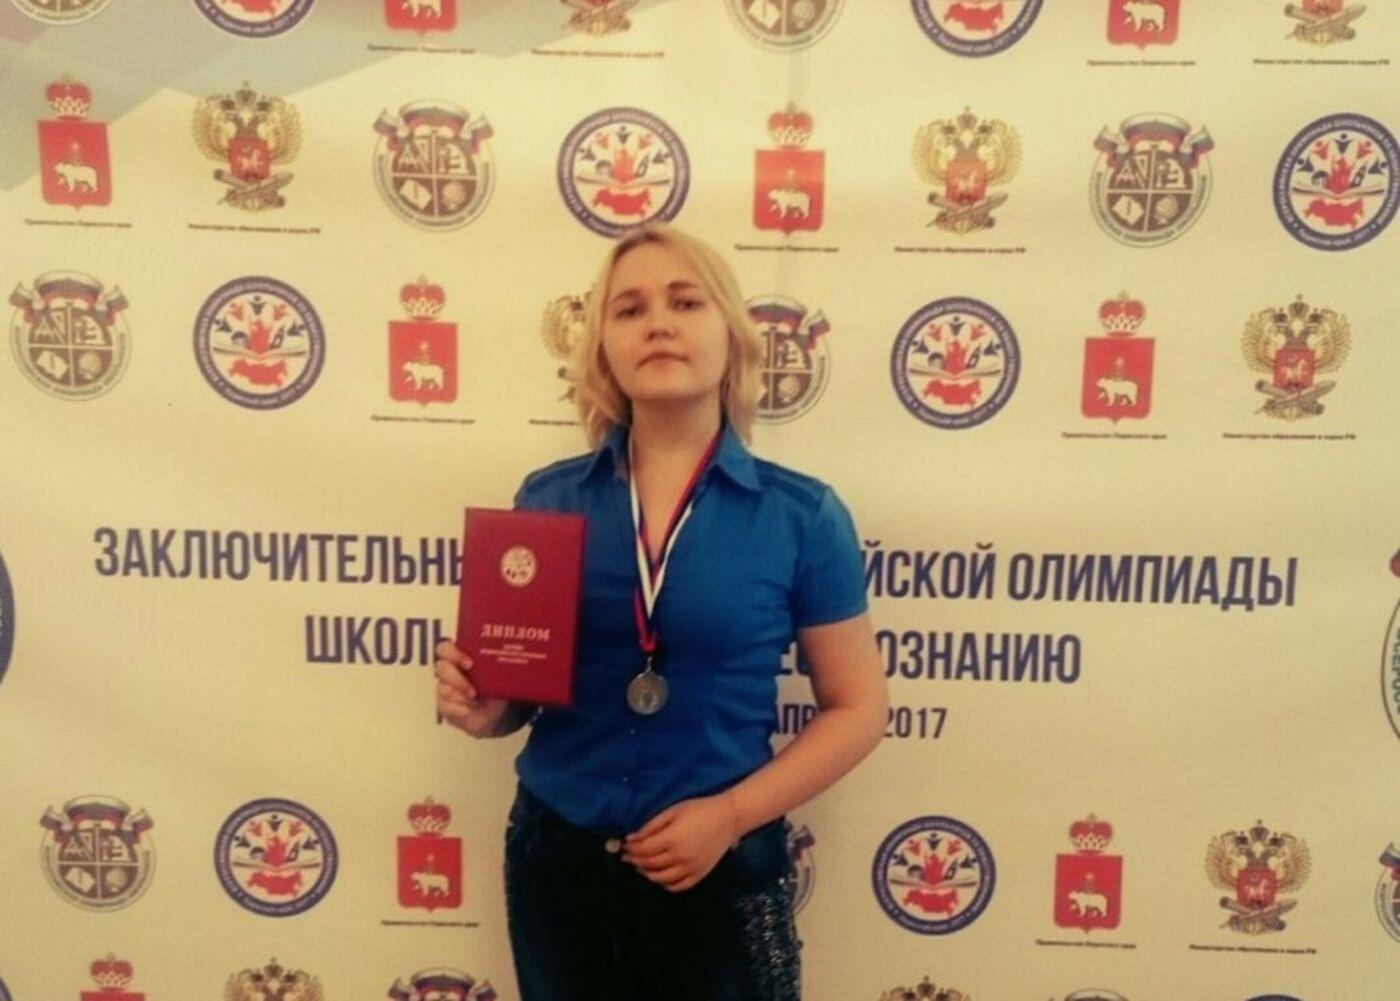 Успешное выступление на Всероссийской олимпиаде по обществознанию